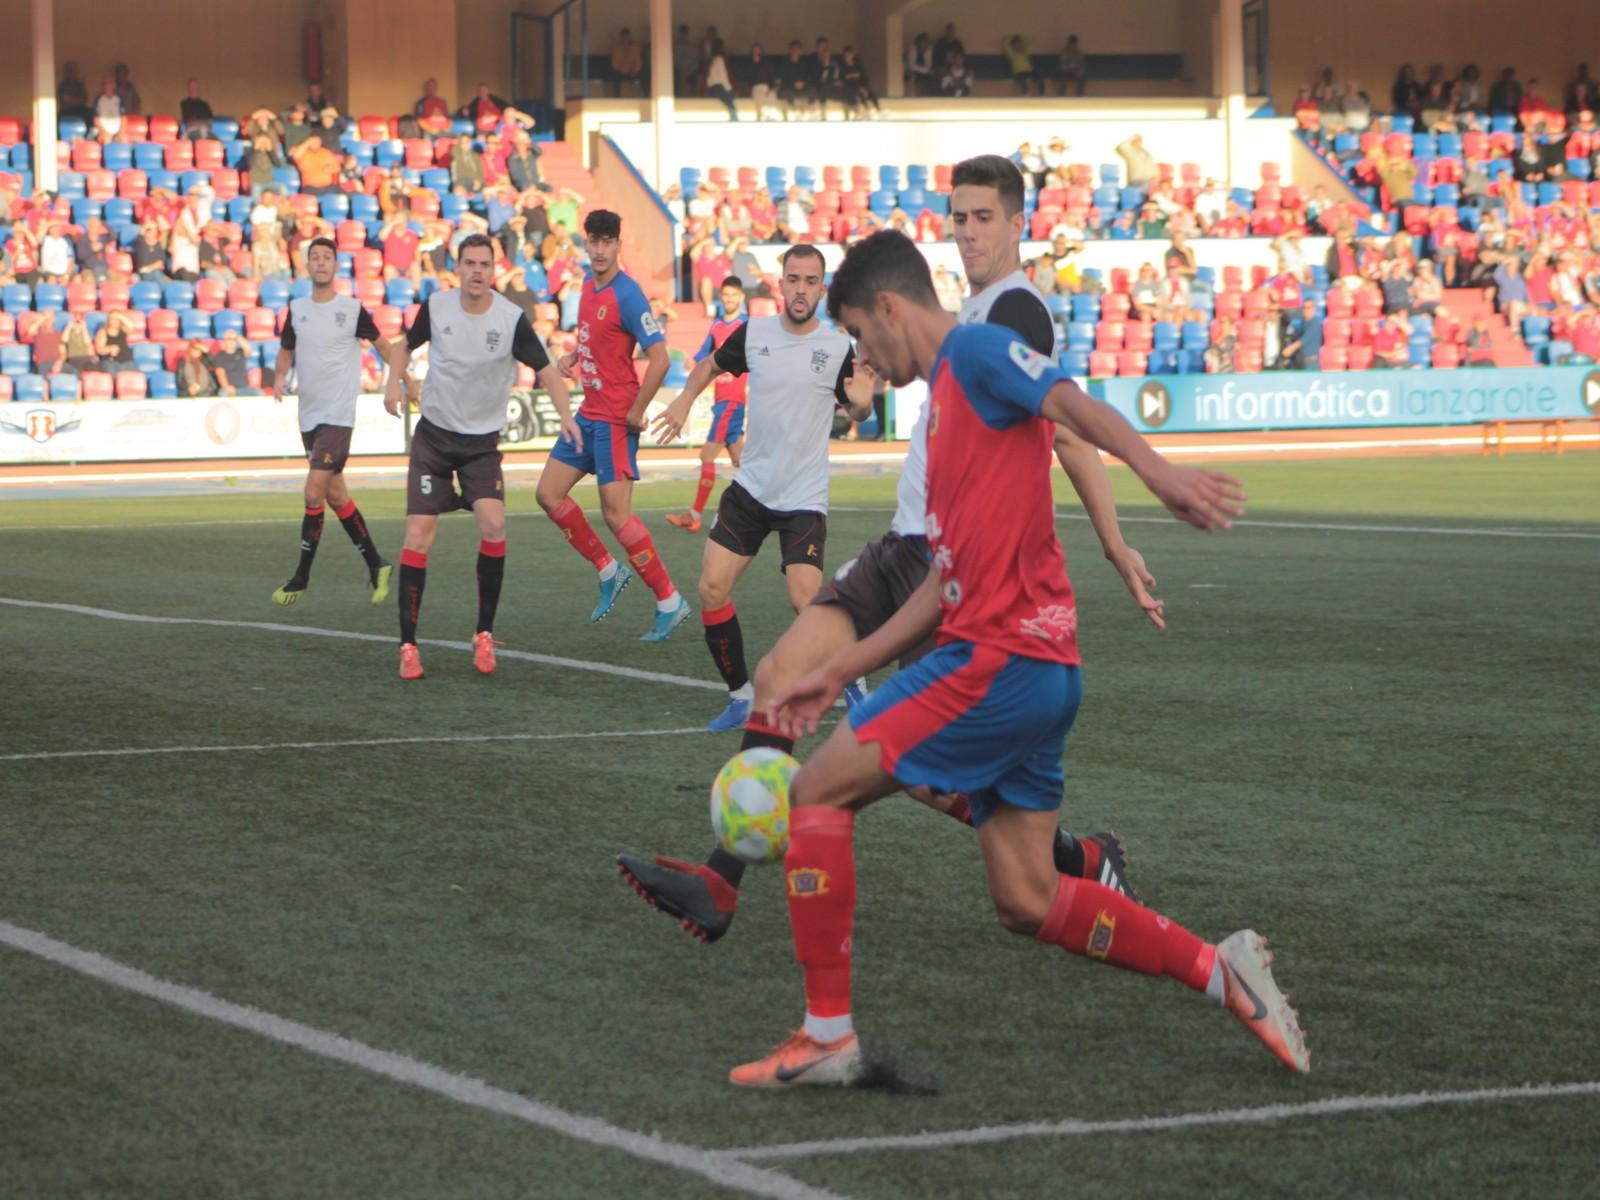 La UD Lanzarote dejó escapar una ventaja de tres goles y cedió un empate